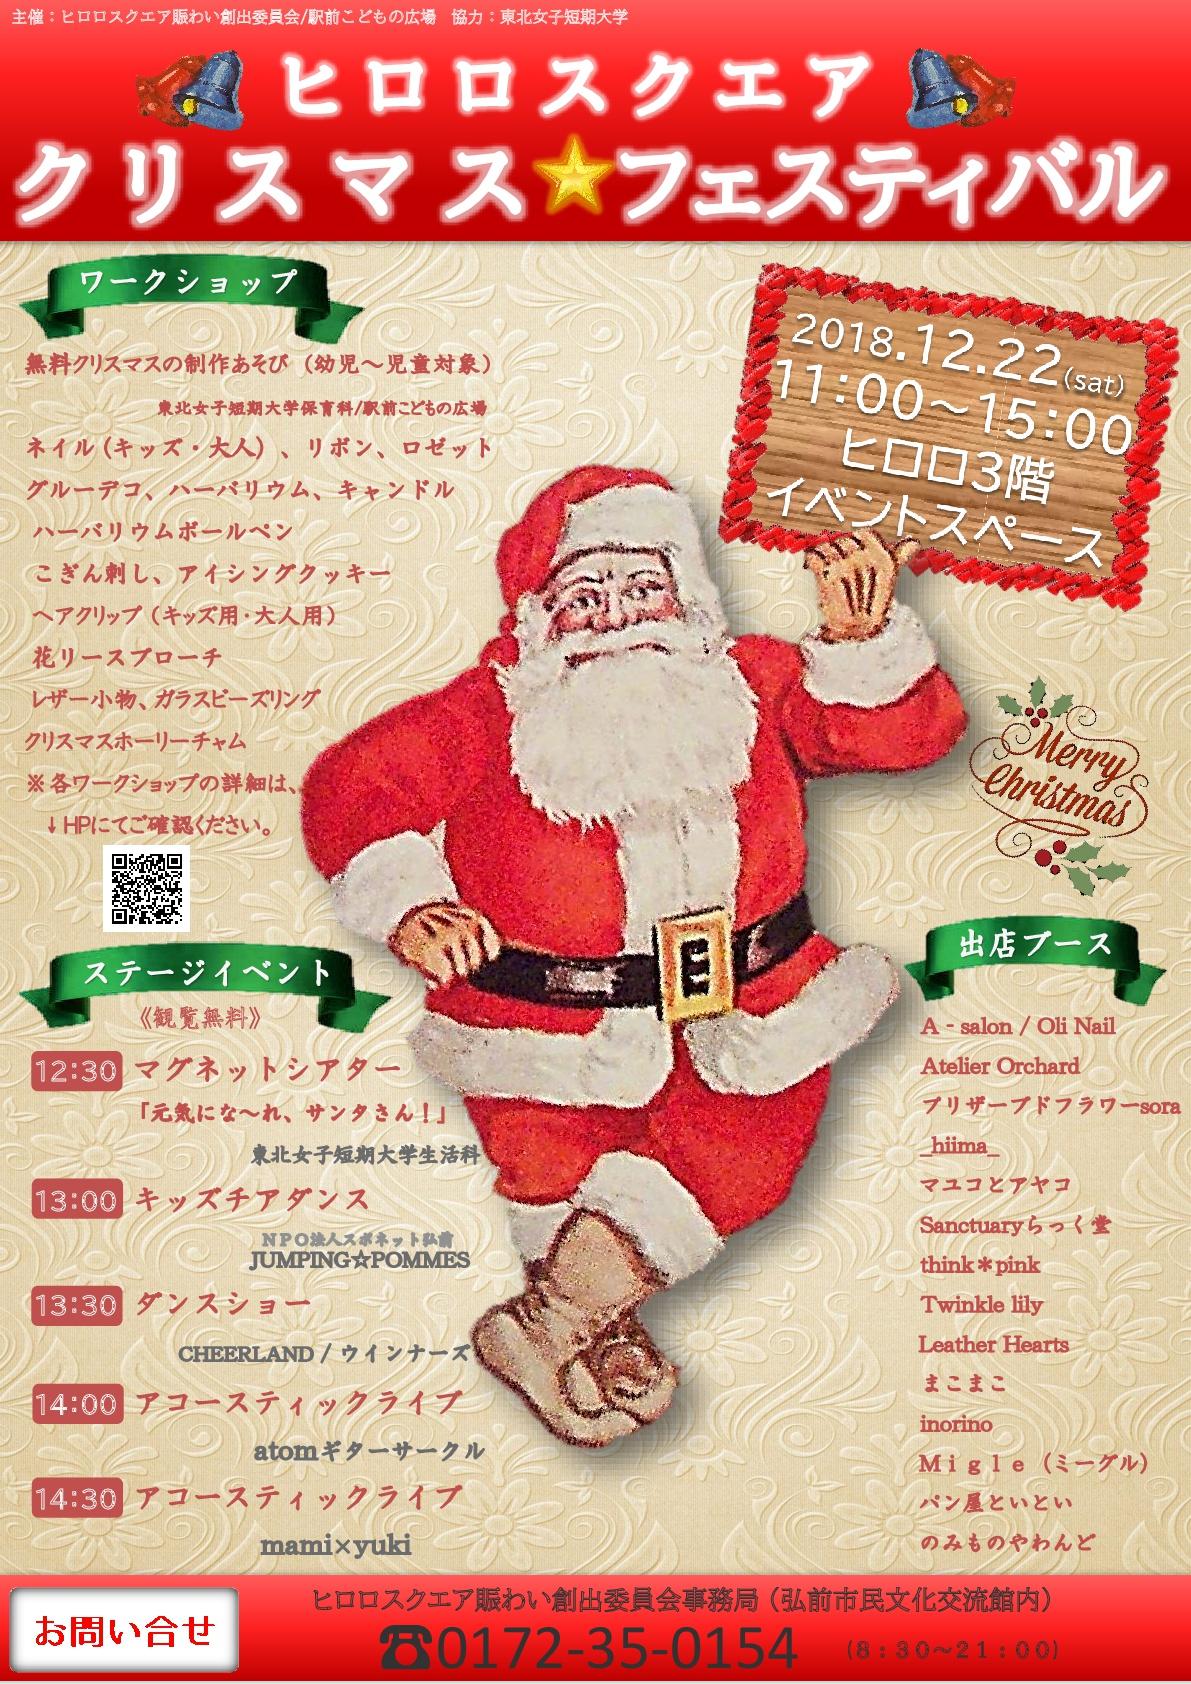 クリスマスフェスティバル カラー-001.jpg